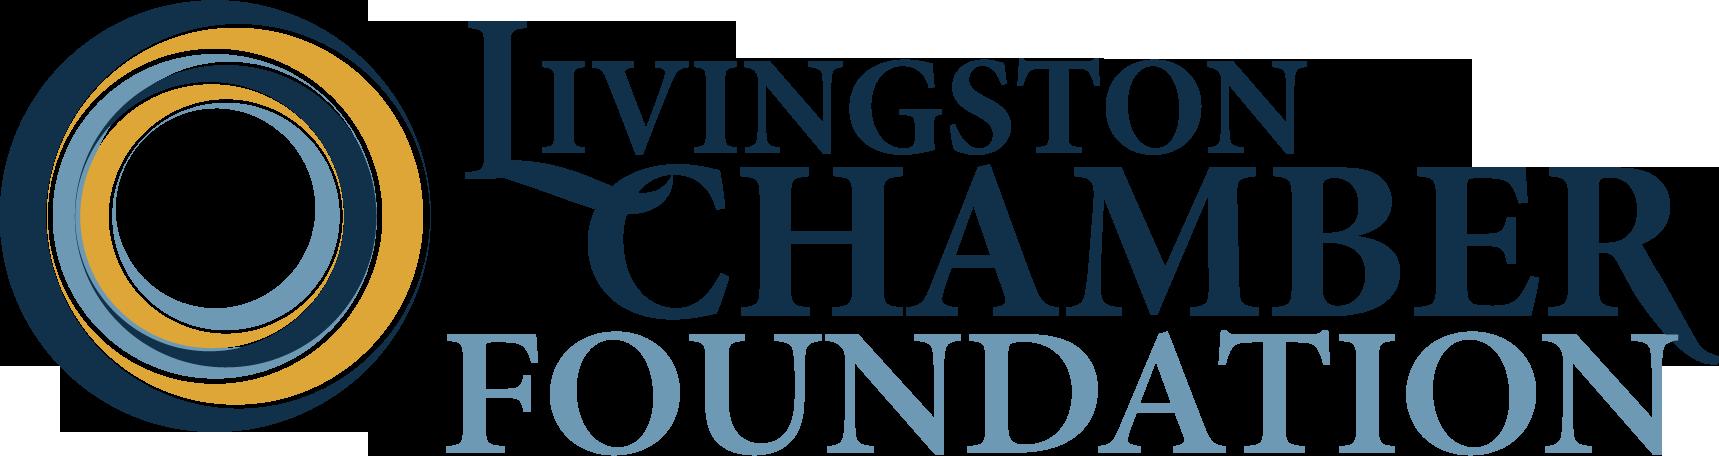 Livingston Chamber Foundation